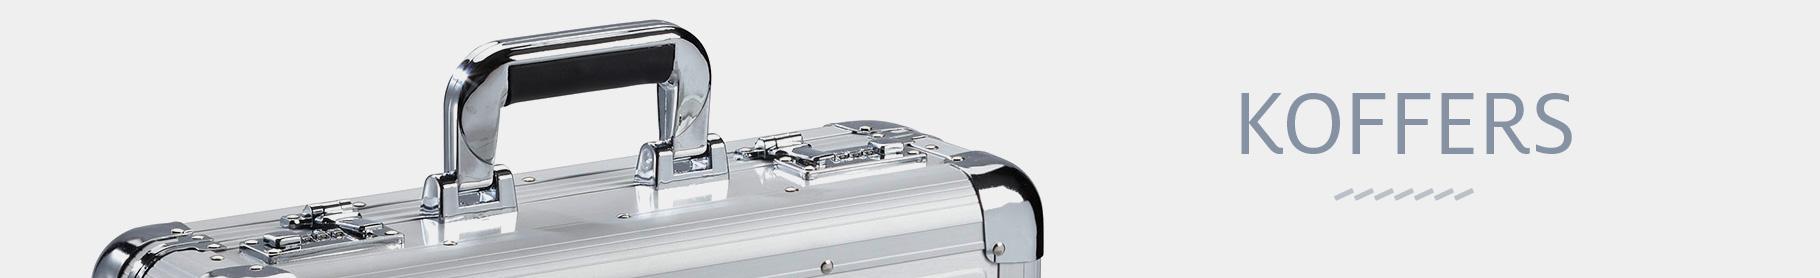 Koffers – Zakelijke koffers en tassen